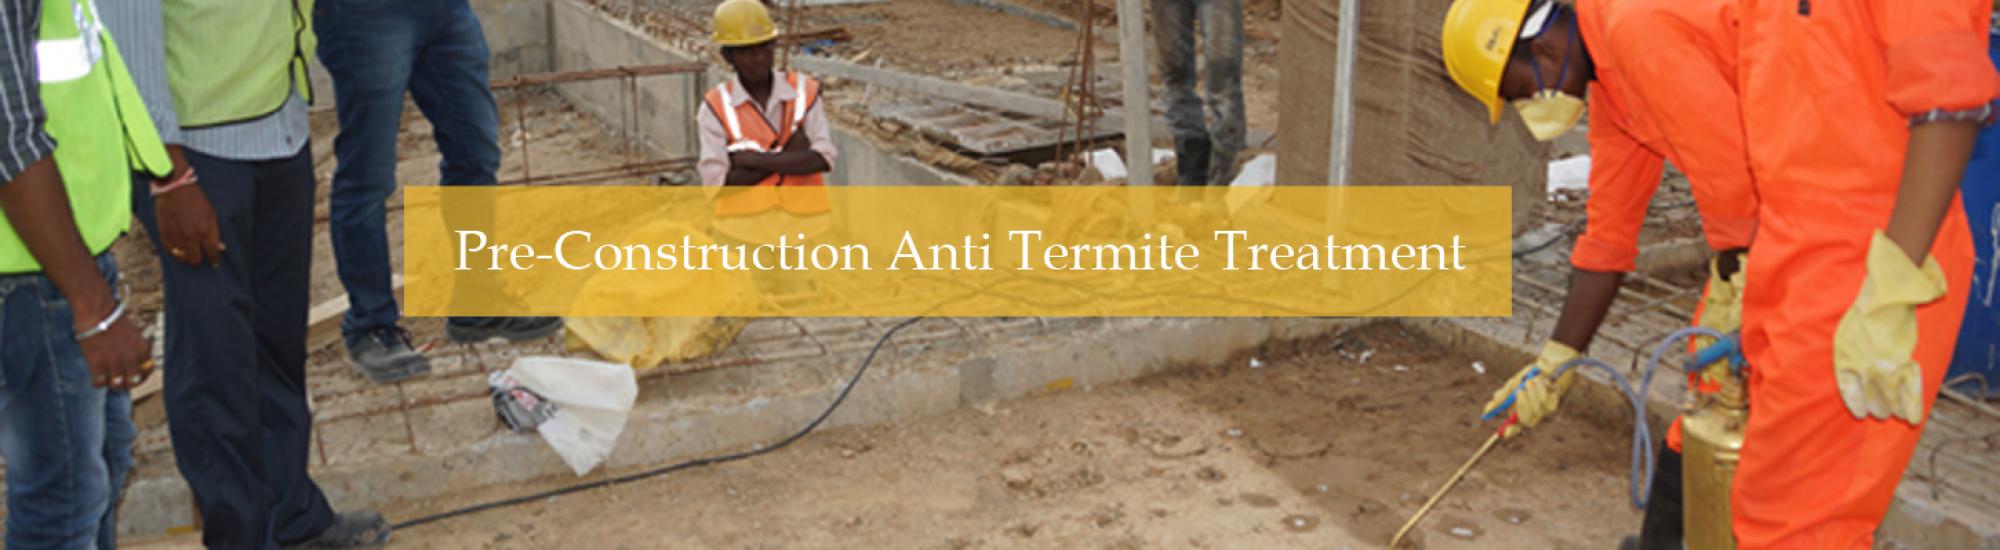 Pre-Construction Anti Termite Treatment in Delhi